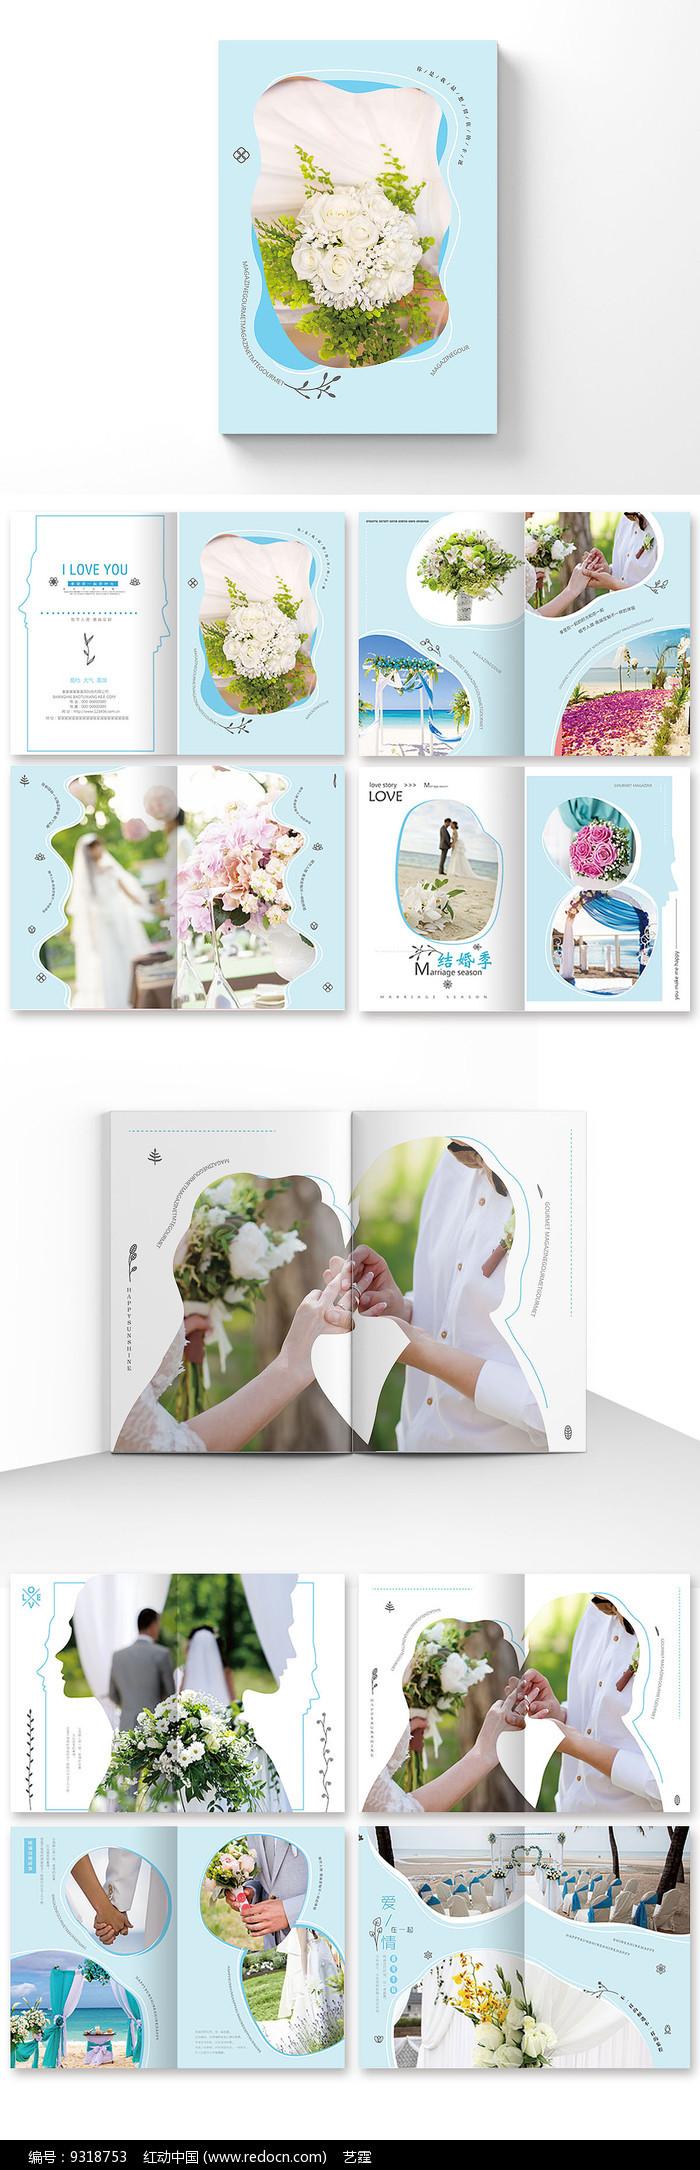 清新婚纱影楼宣传册设计图片